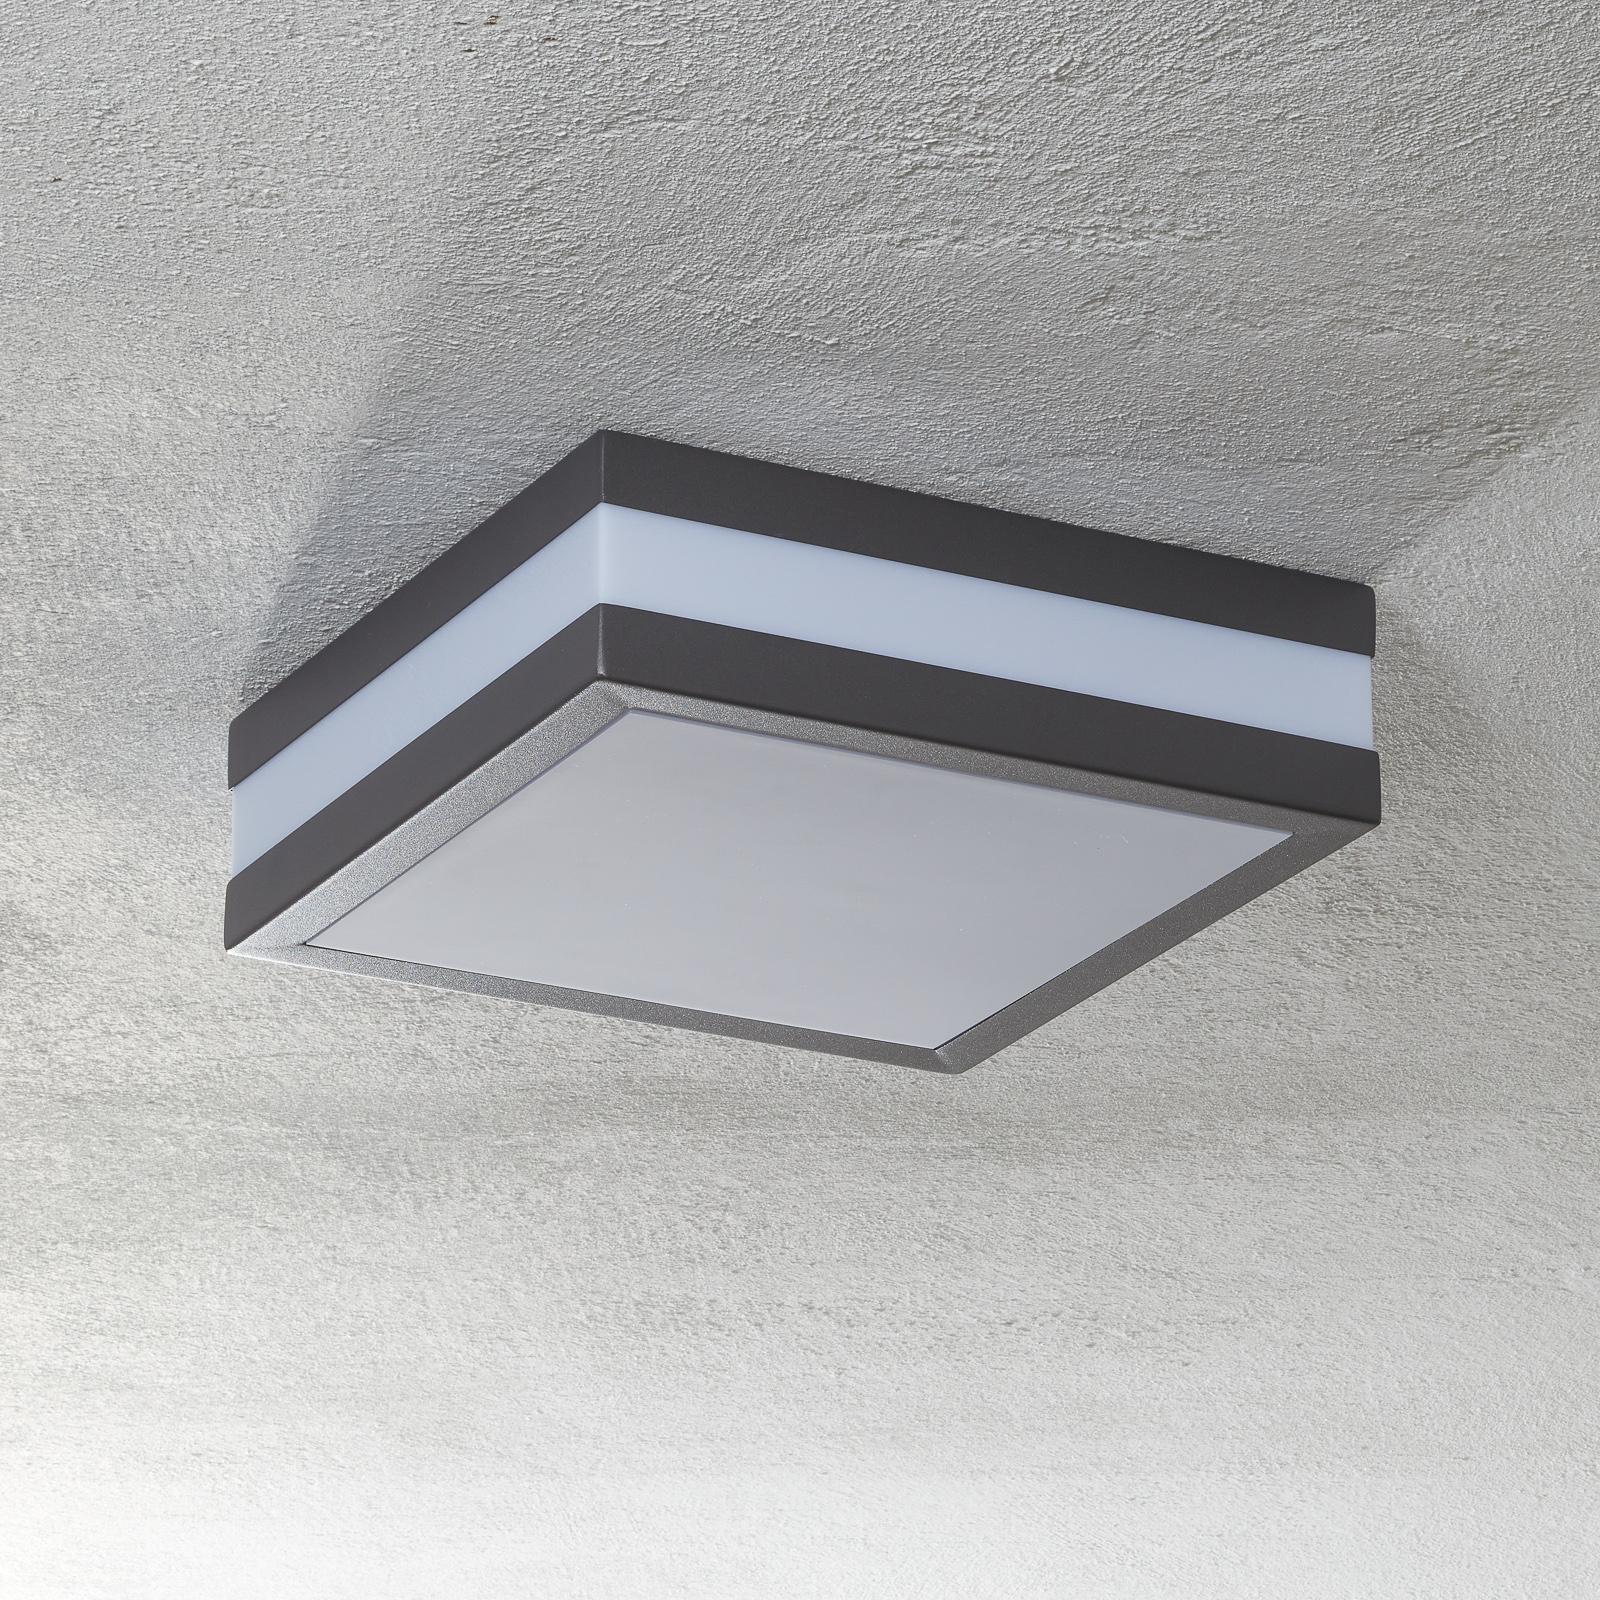 Lampa sufitowa zewnętrzna Matteo, 2 x E27, IP44